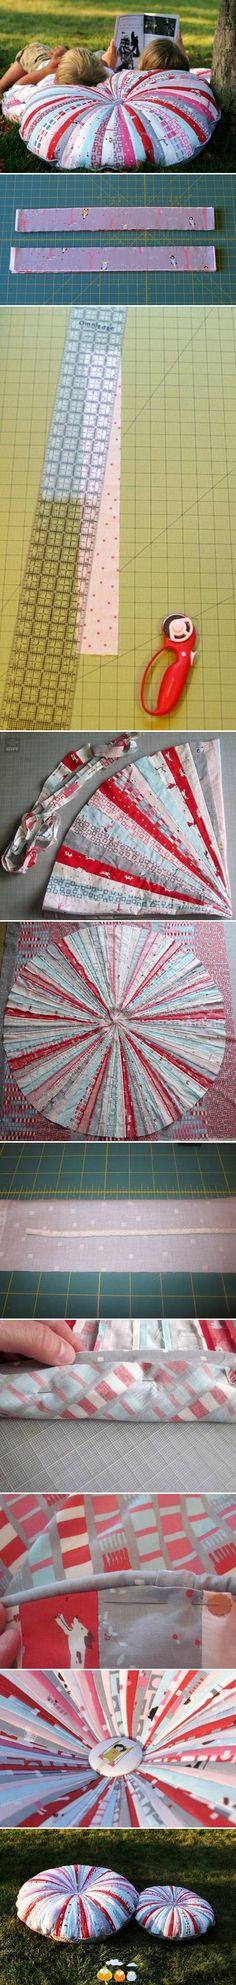 Fabric scraps extra large oversized circular overstuffed pillow (photo) tutorial